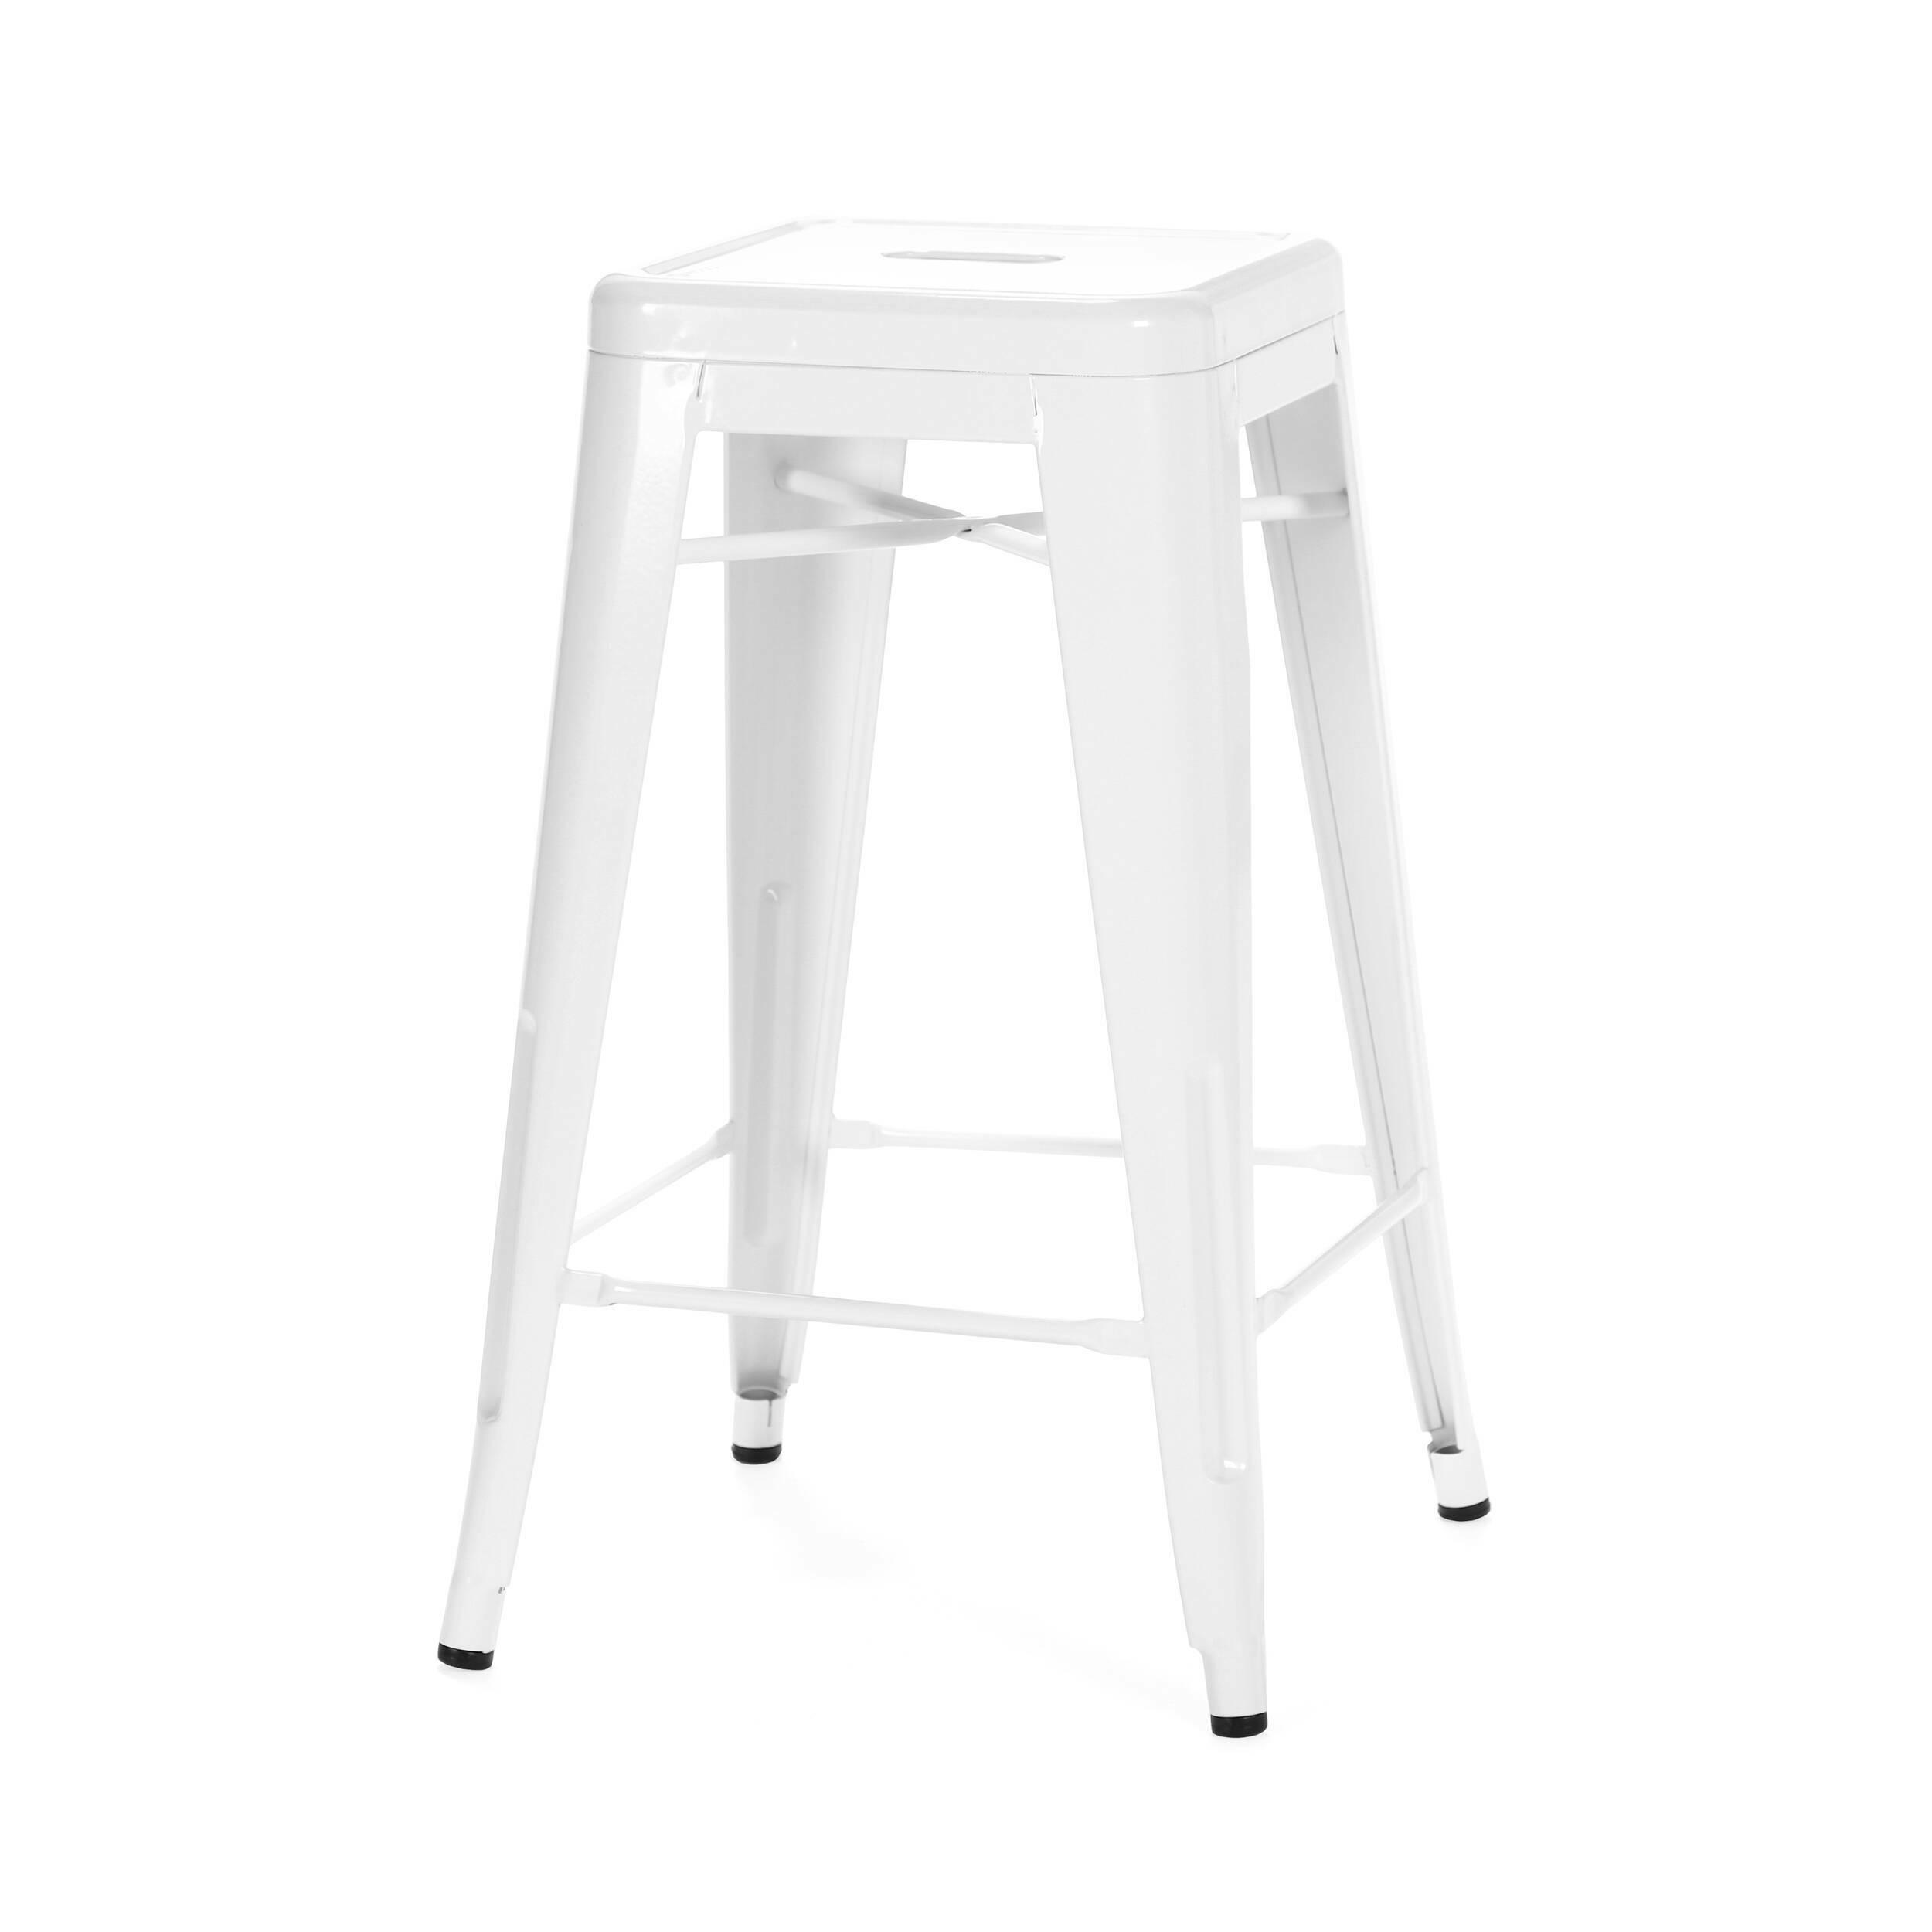 Барный стул Marais Color 2Барные<br>Дизайнерский цветной стальной барный стул Marais Color 2 (Мэрейс Калар) без спинки от Cosmo (Космо).<br> Барный стул Marais Color 2 — олицетворение винтажного стиля, его грациозные линии создают ощущение легкости и невесомости. Несмотря на хрупкий вид, этот предмет мебели невероятно прочен и долговечен. Высококачественный металл, обработанный методом гальванизации, выдерживает самые агрессивные условия окружающей среды. Не случайно модель не утратила актуальности с начала ХХ века — именно тогда...<br><br>stock: 0<br>Высота: 66<br>Ширина: 41<br>Глубина: 41<br>Тип материала каркаса: Сталь<br>Цвет каркаса: Белый